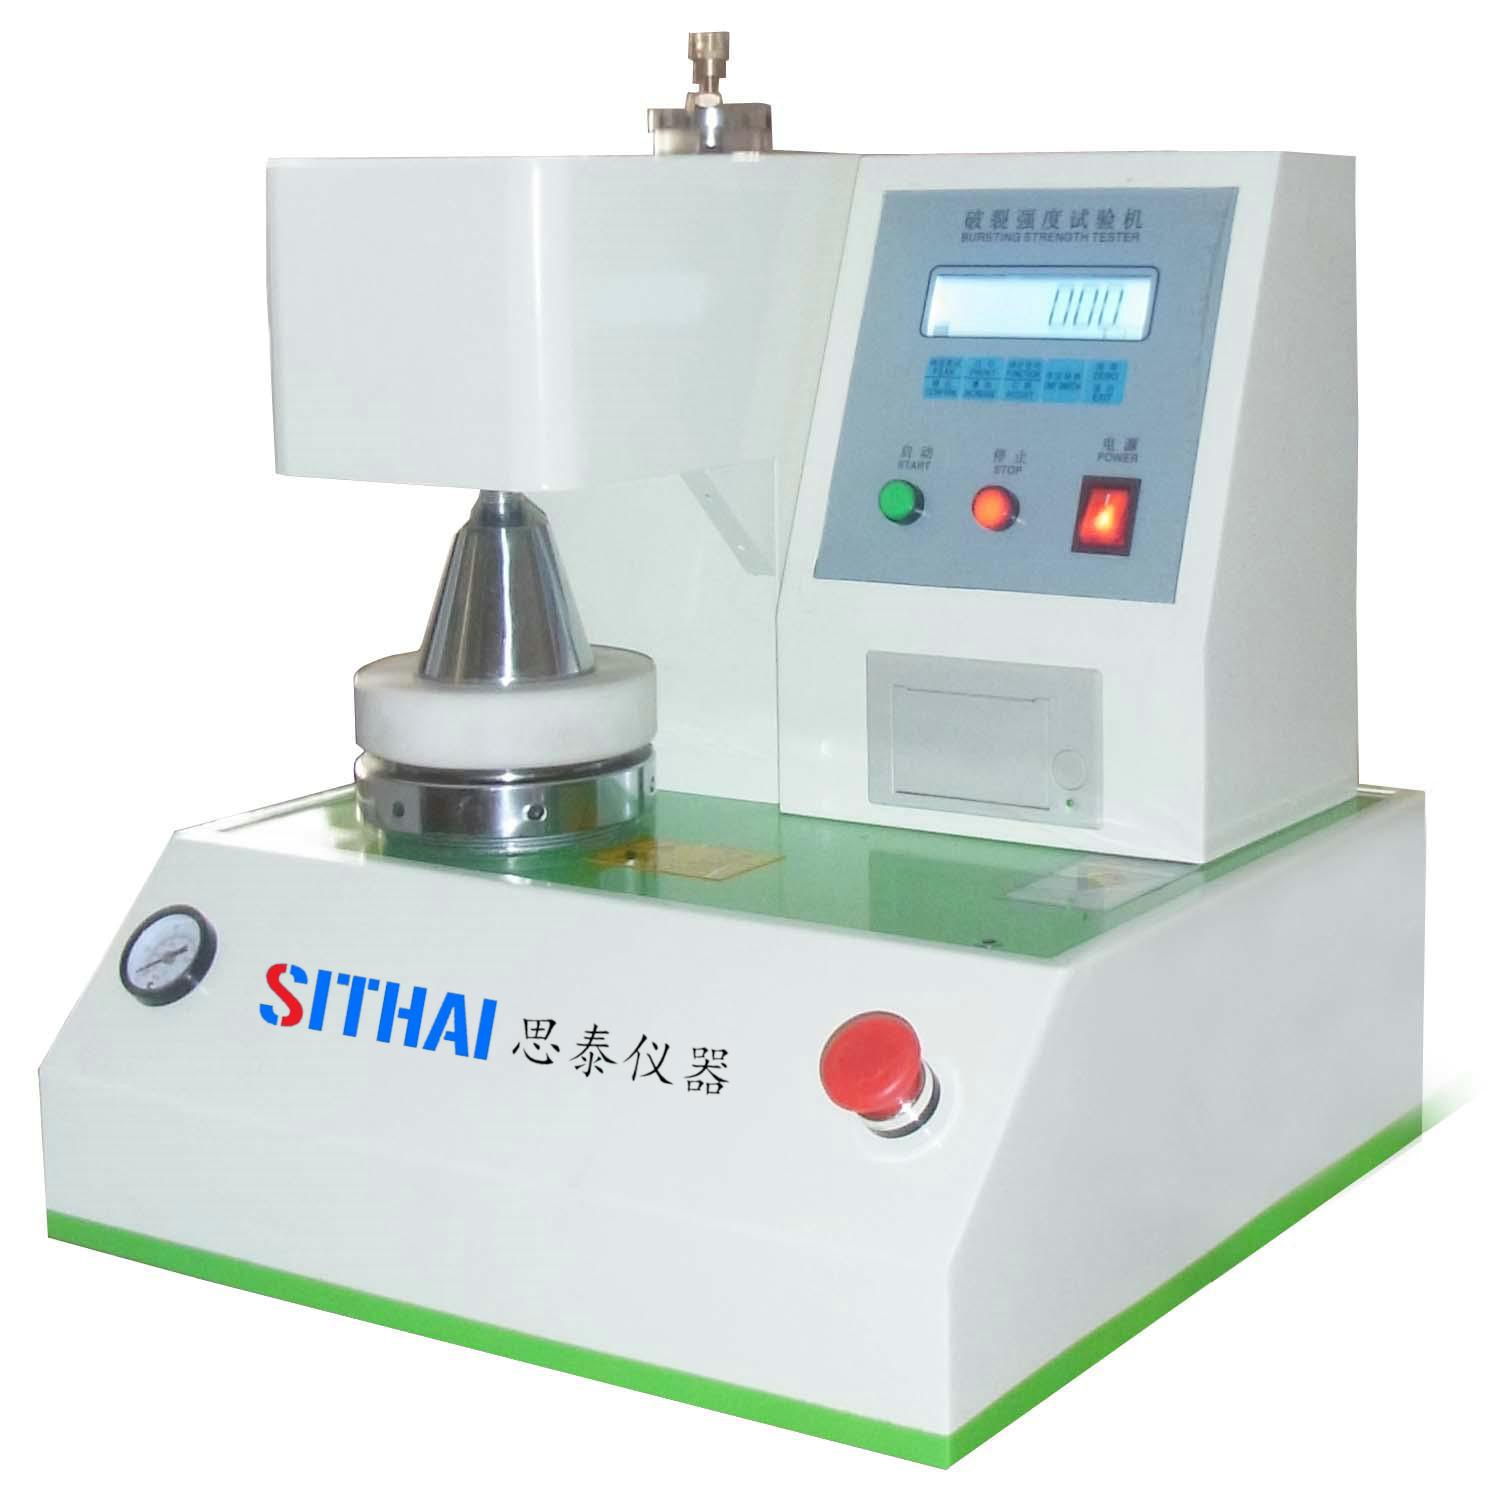 全自动纸板破裂强度试验机 ST-315A